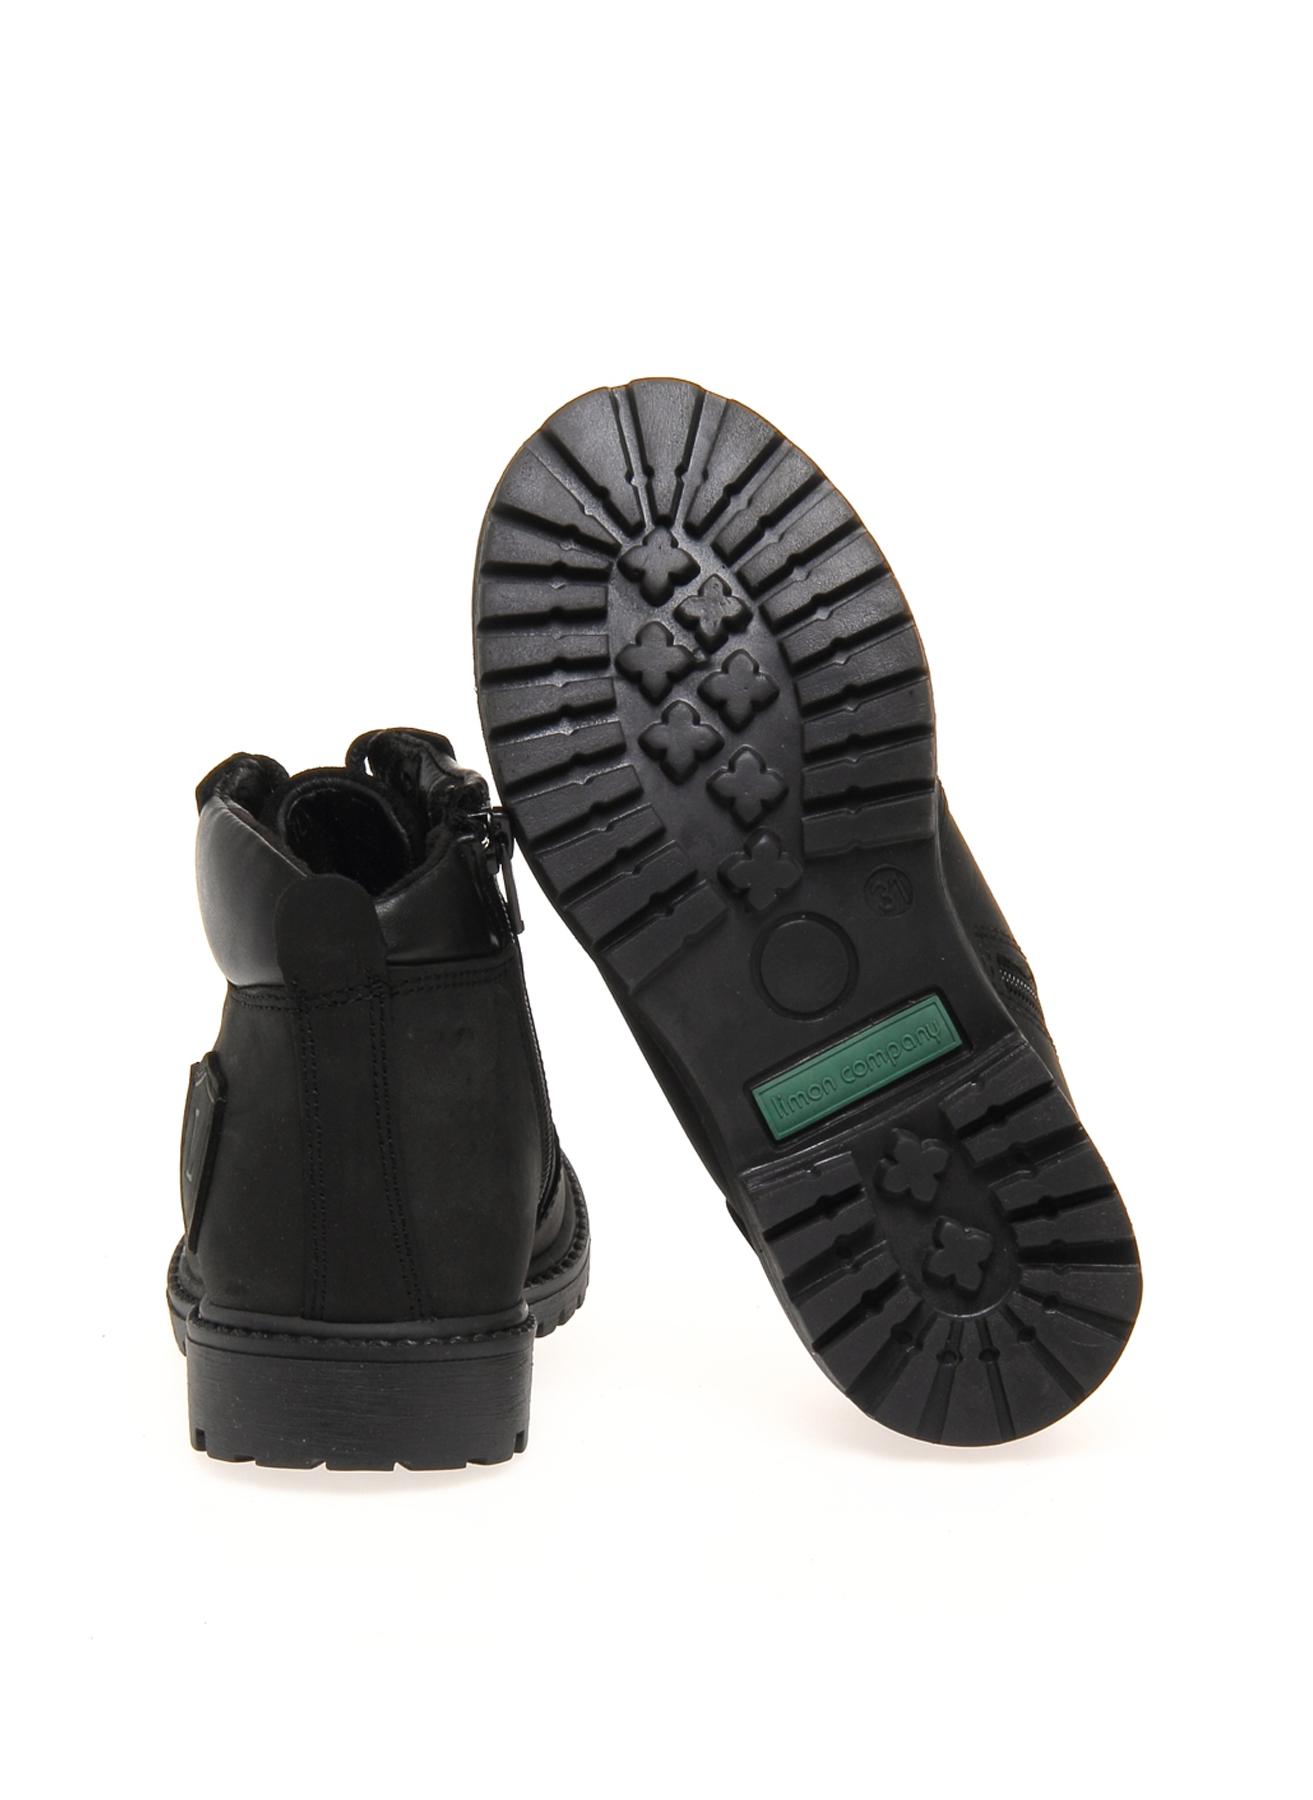 31 Erkek Siyah Limon Bot 5000037374007 Ayakkabı & Çanta Çocuk Ayakkabıları Çizmeler